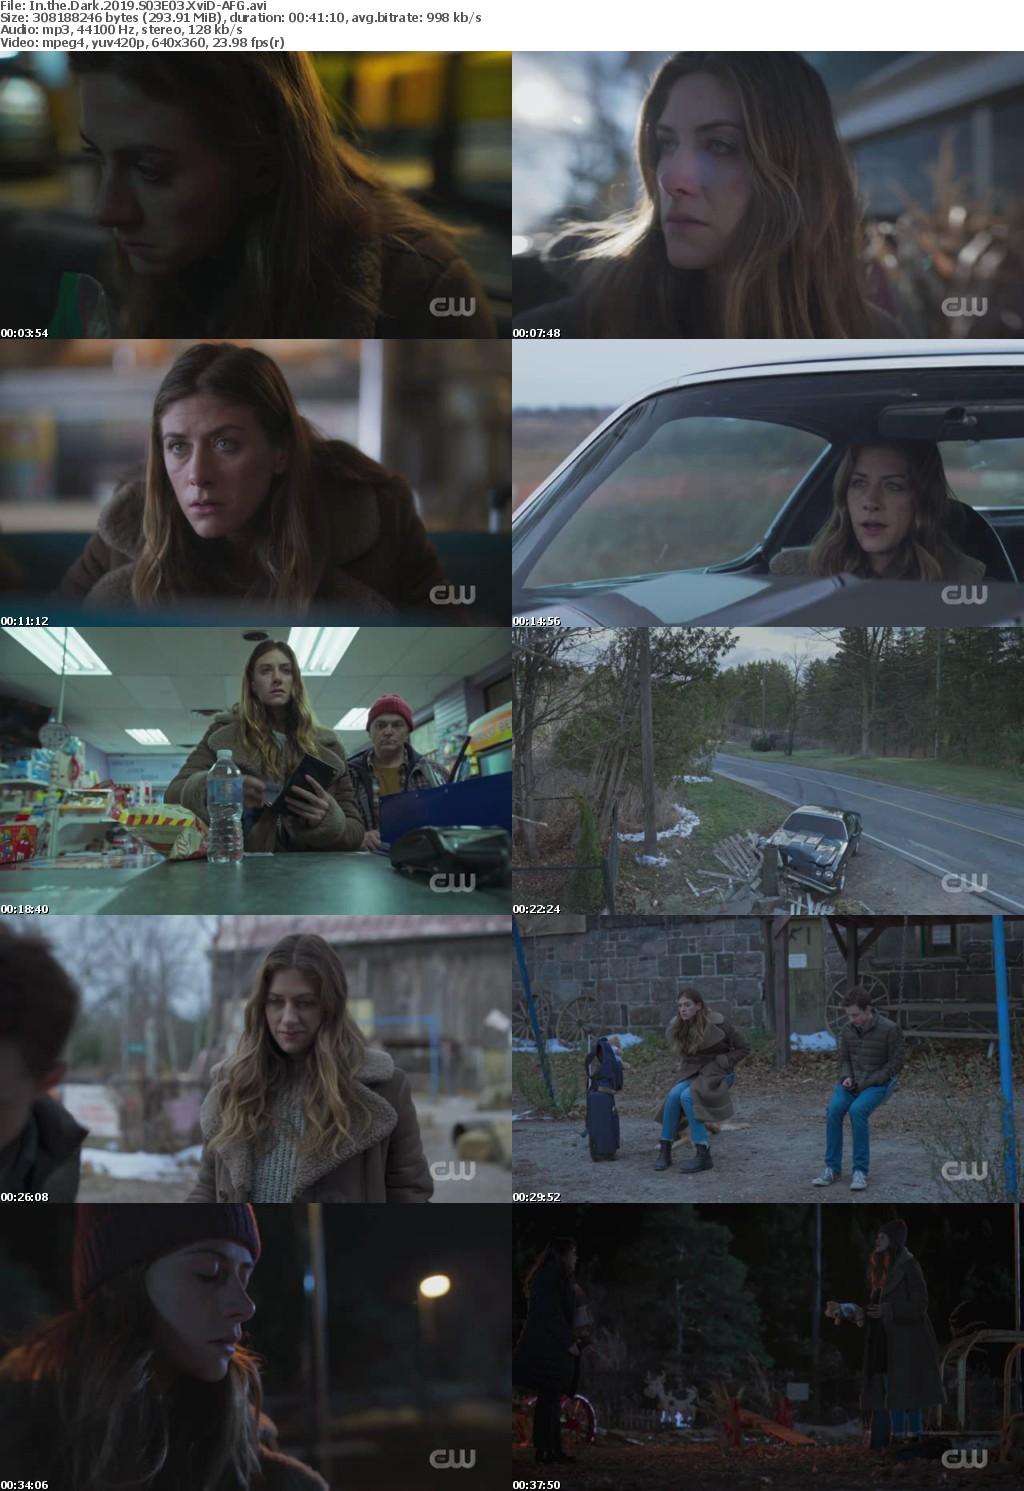 In the Dark 2019 S03E03 XviD-AFG